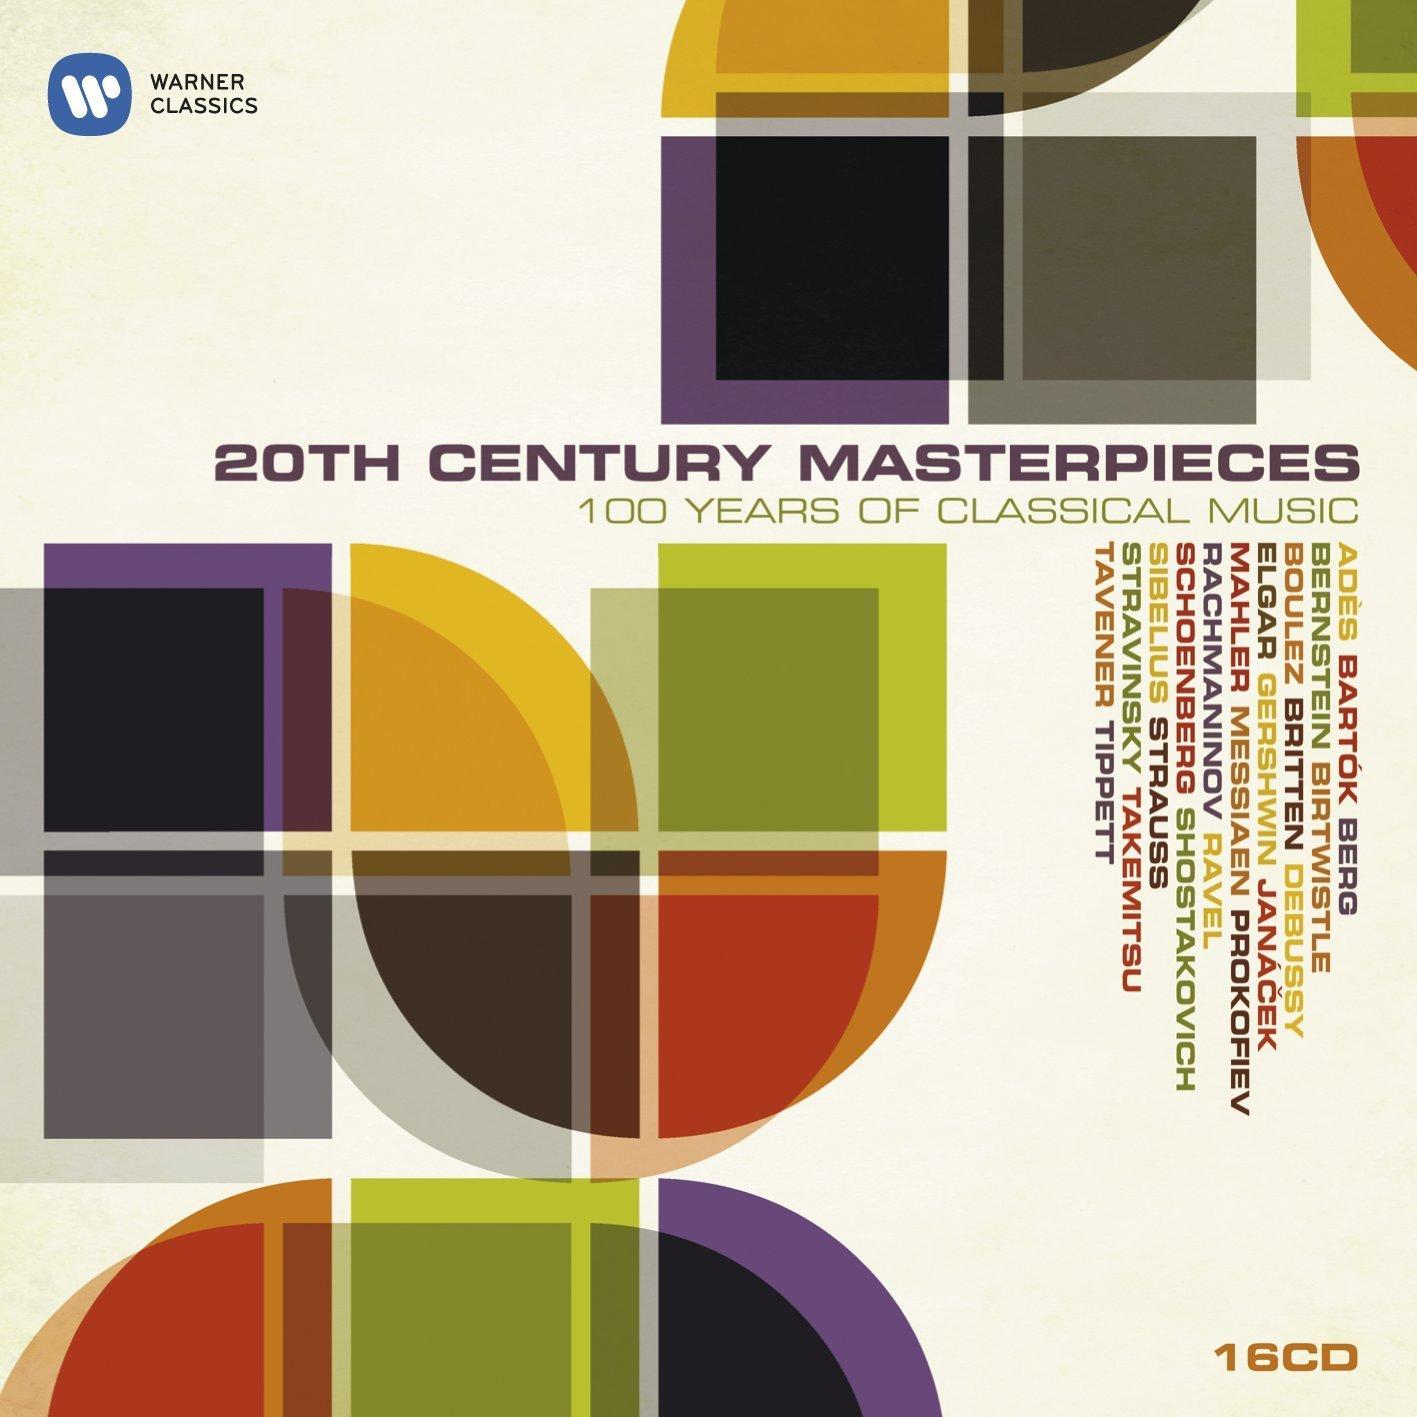 Audio Cd 20th Century Masterpieces: 100 Years Of Classical Music (16 Cd) NUOVO SIGILLATO, EDIZIONE DEL 06/10/2008 SUBITO DISPONIBILE